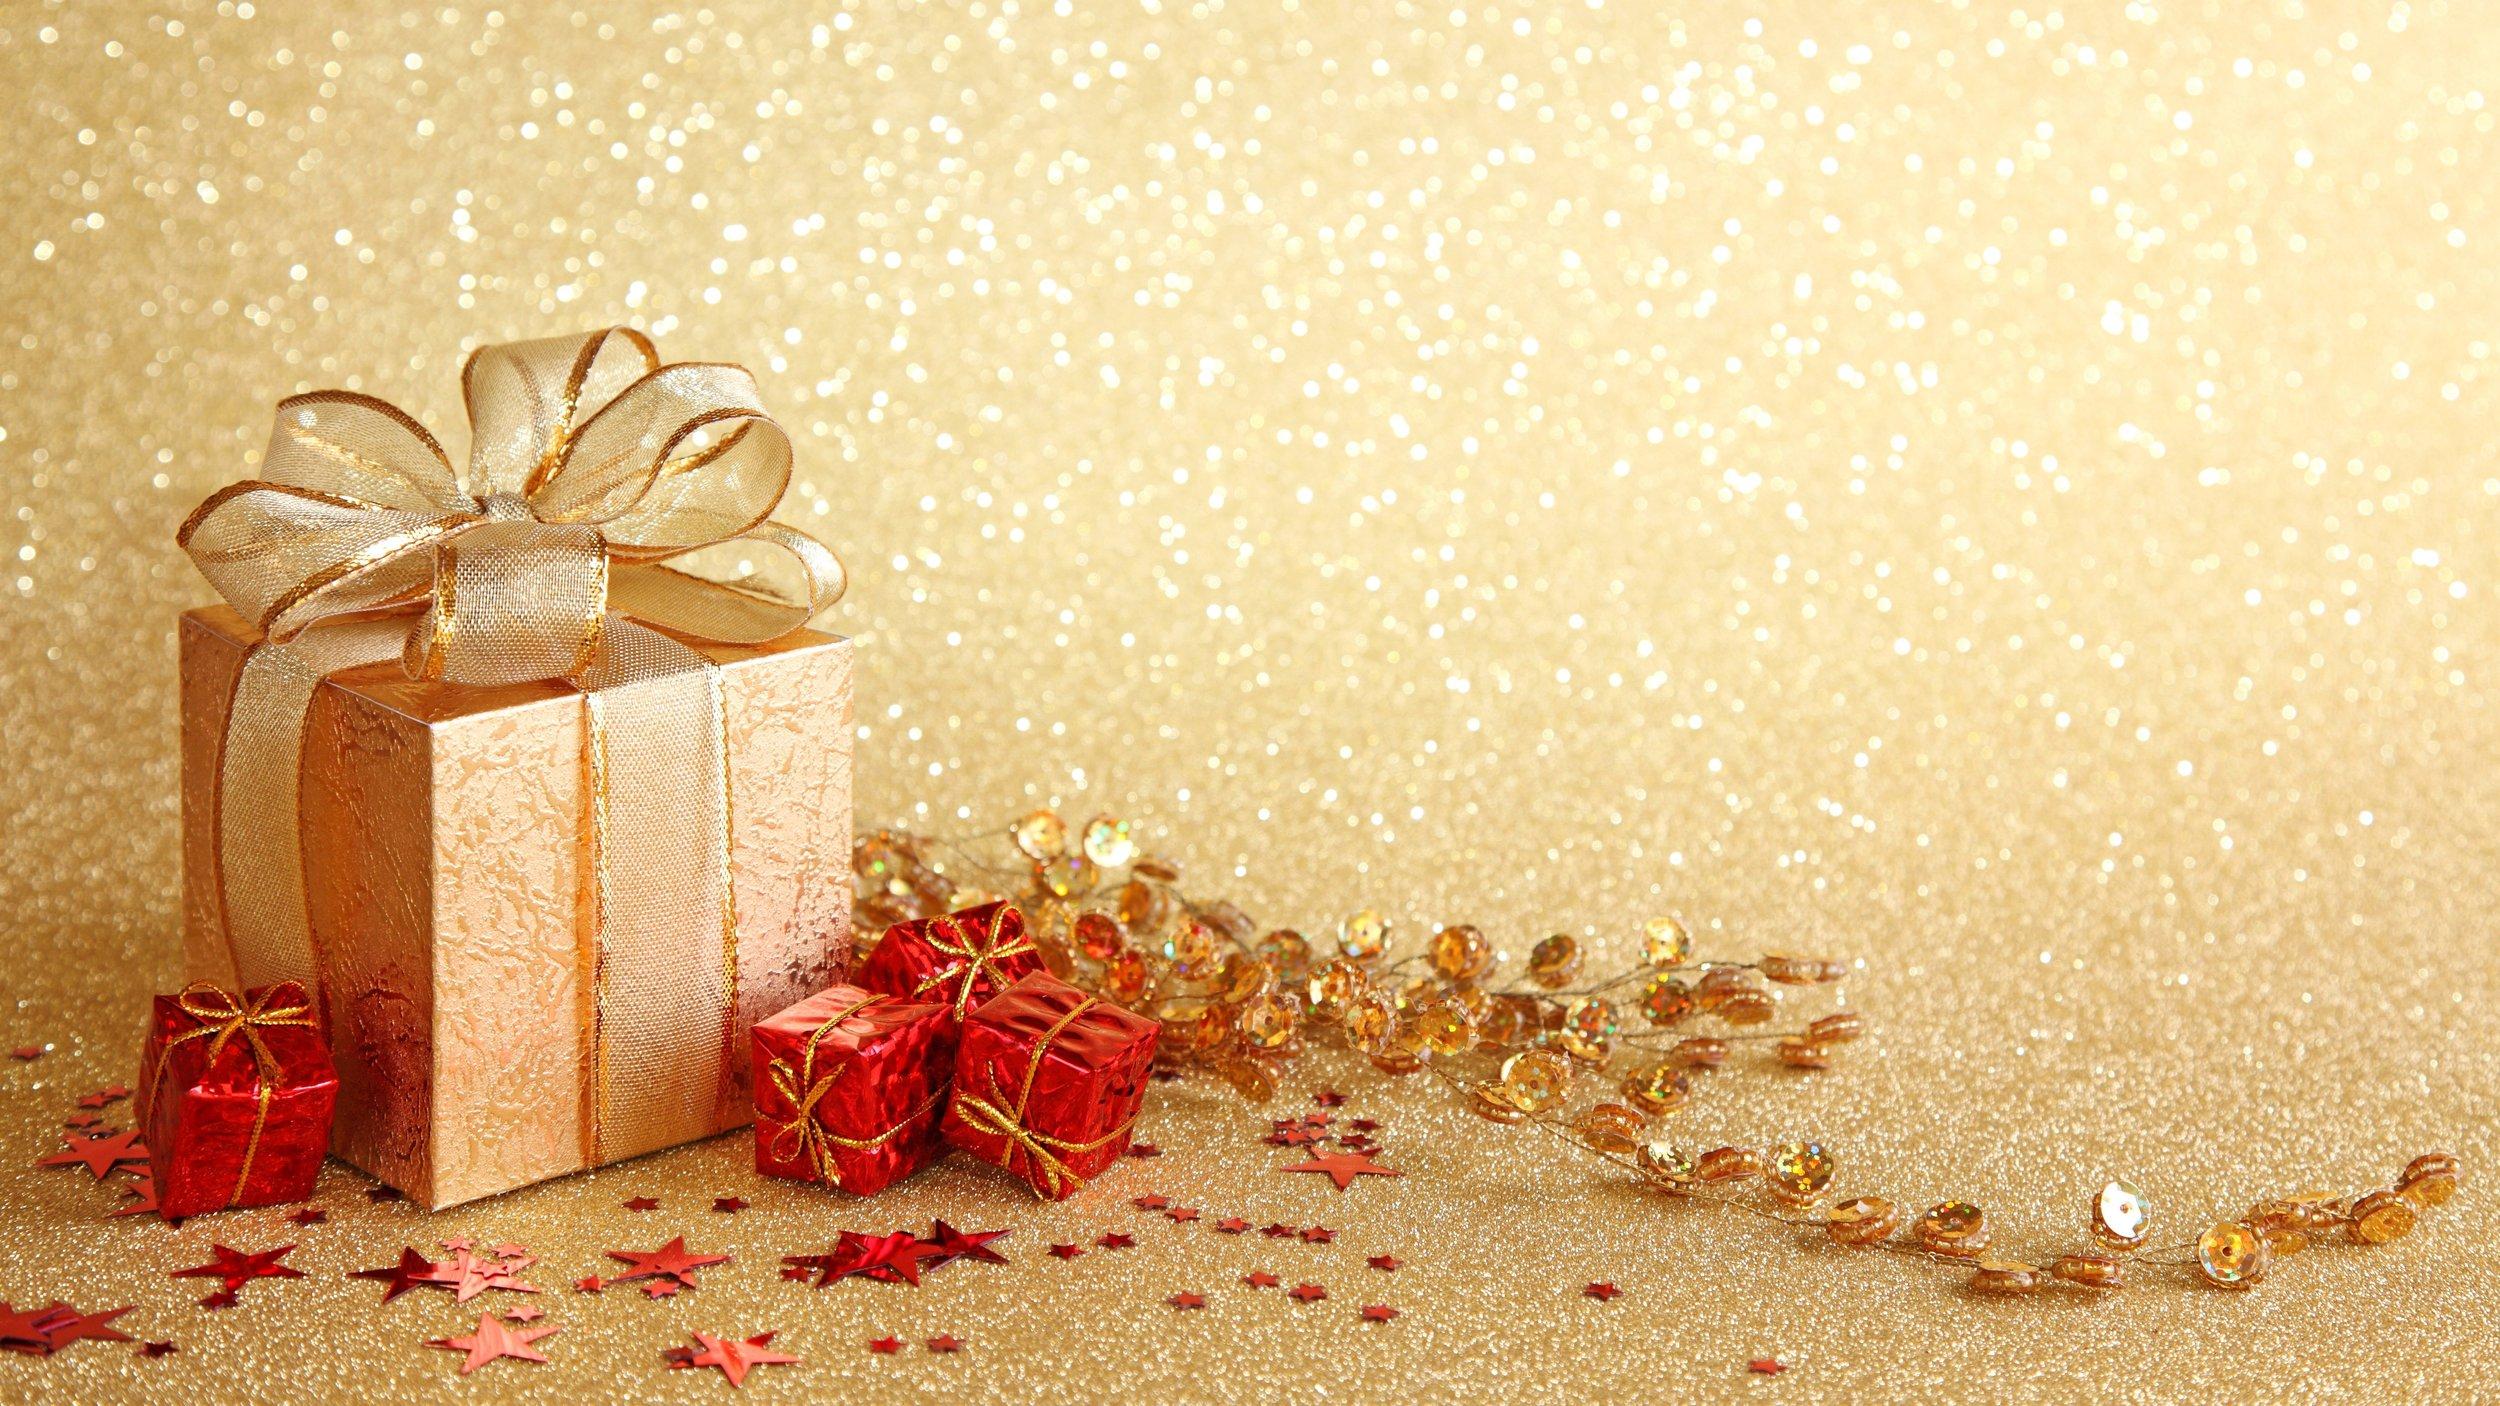 5500x3094-1368906-gift.jpg